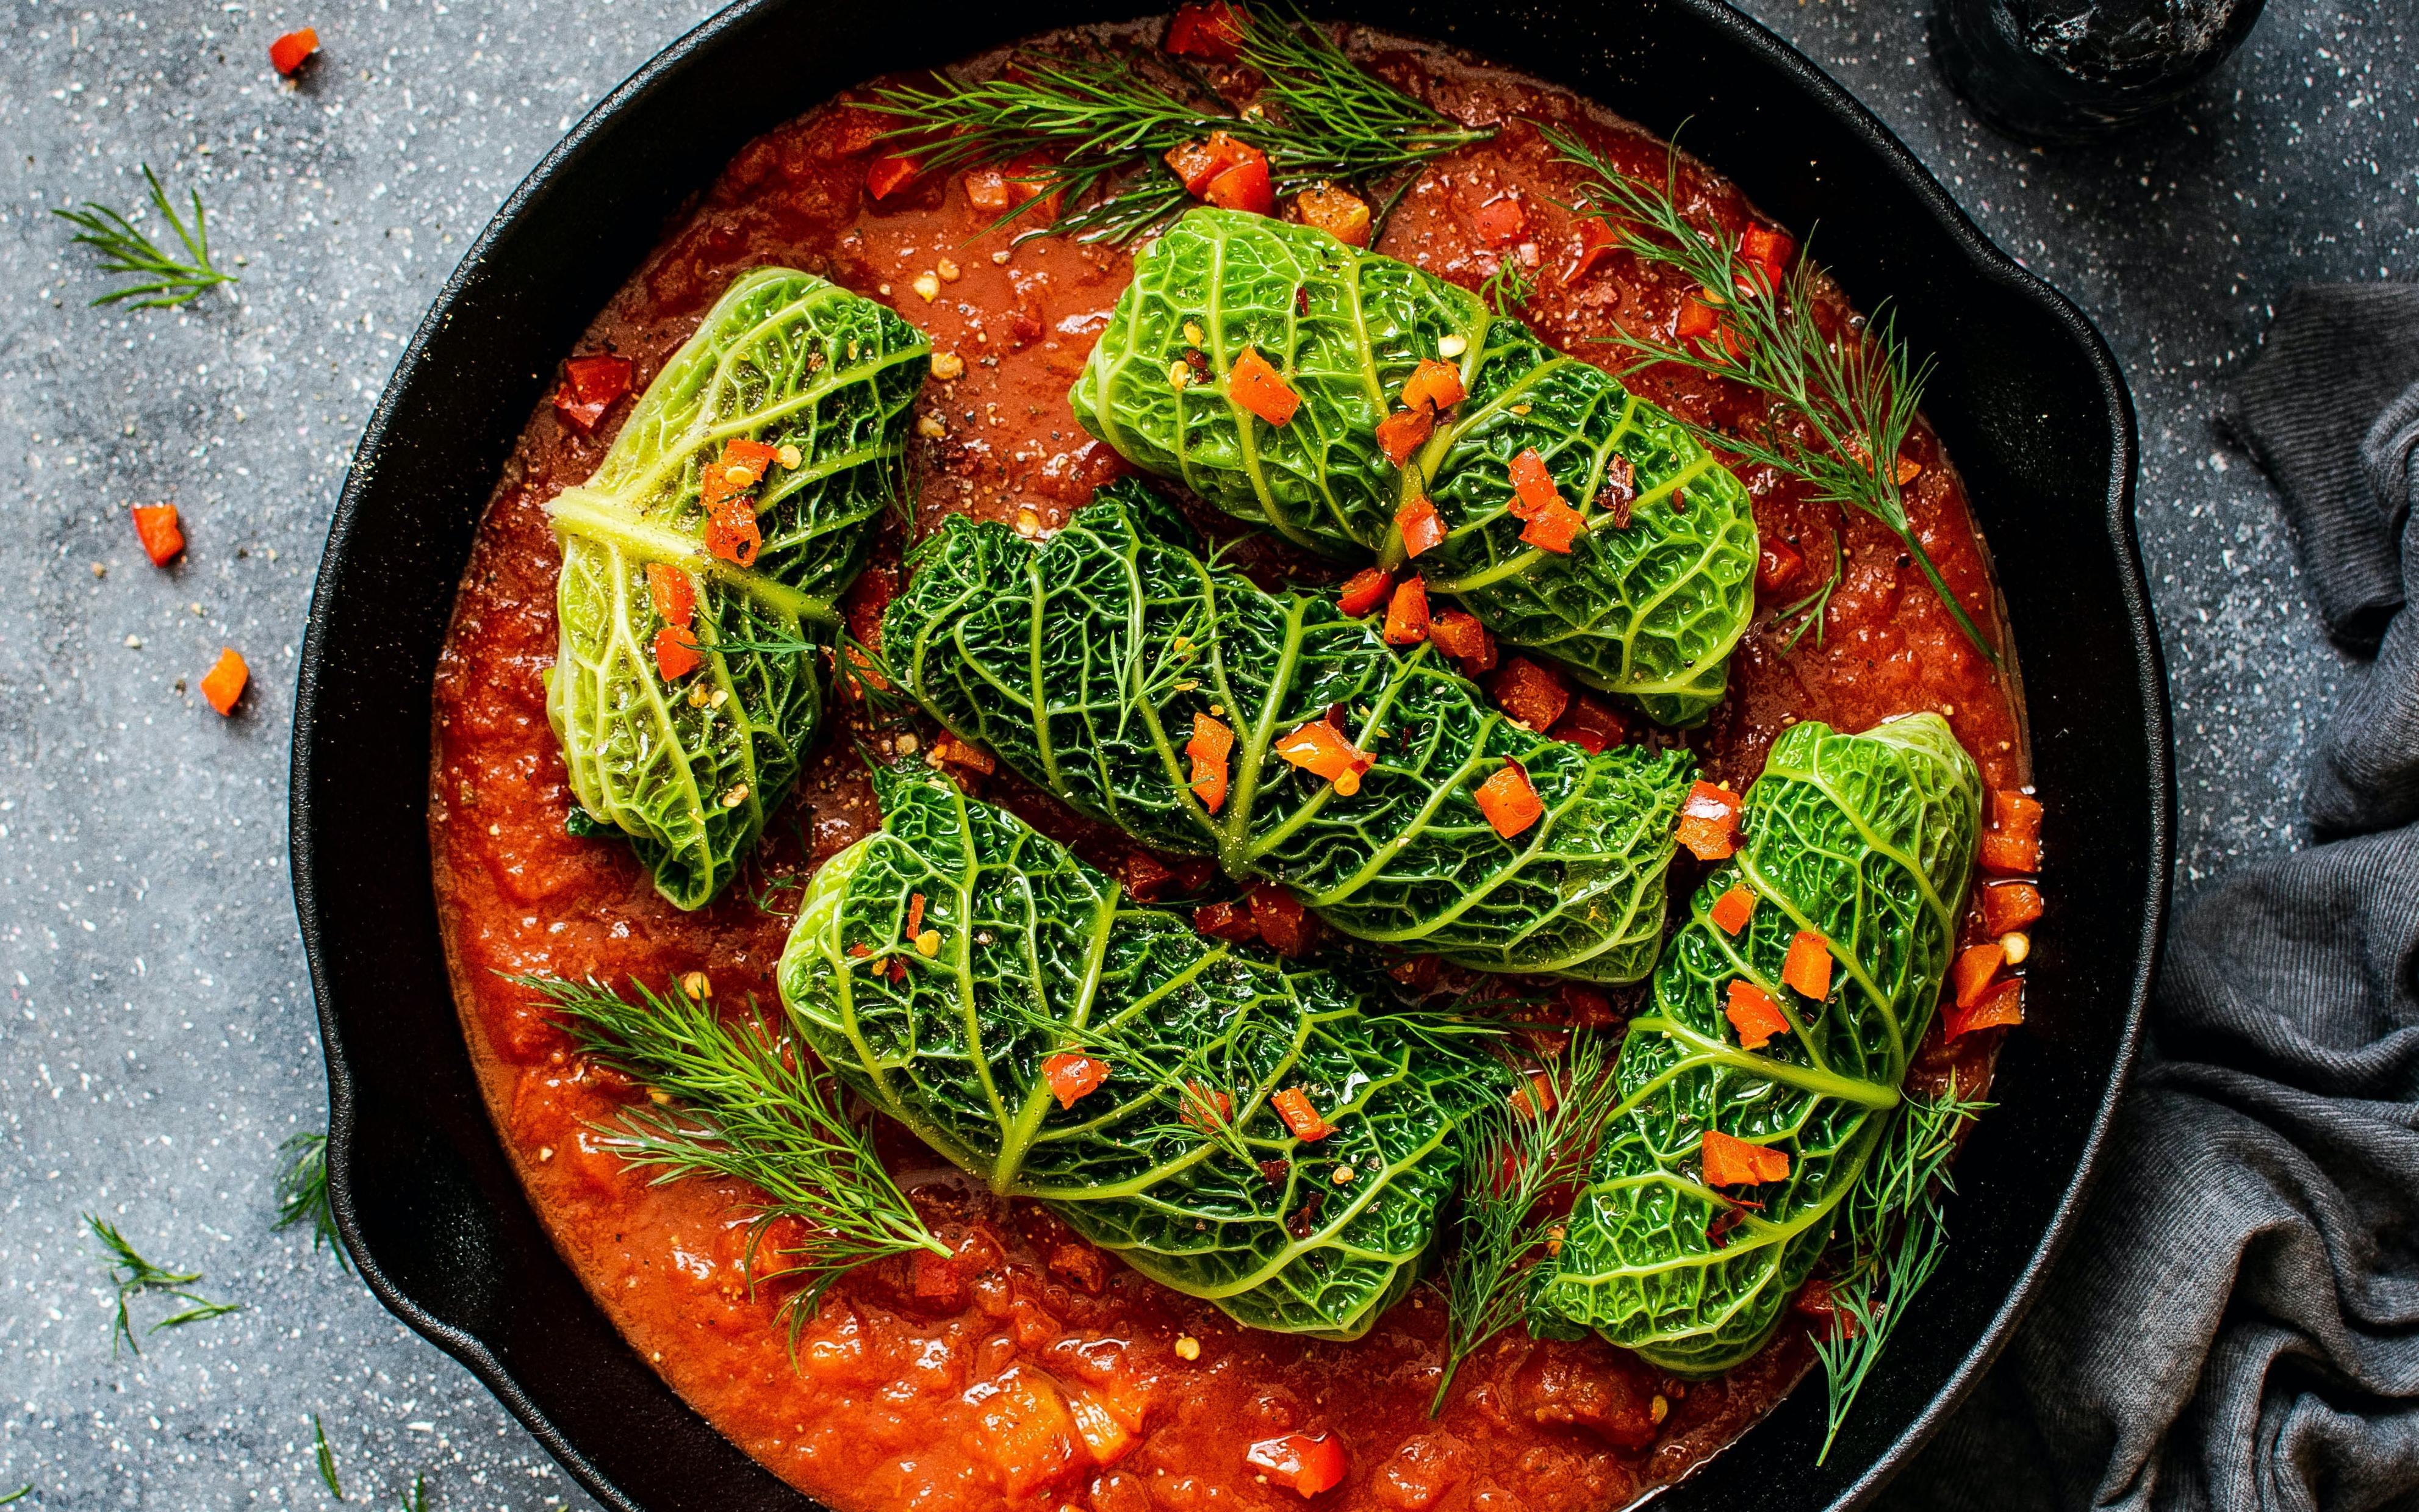 Ob mit oder ohne Fleisch - die Kohlrouladen haben neben ihrem guten Geschmack viele gesundheitliche Vorteile.